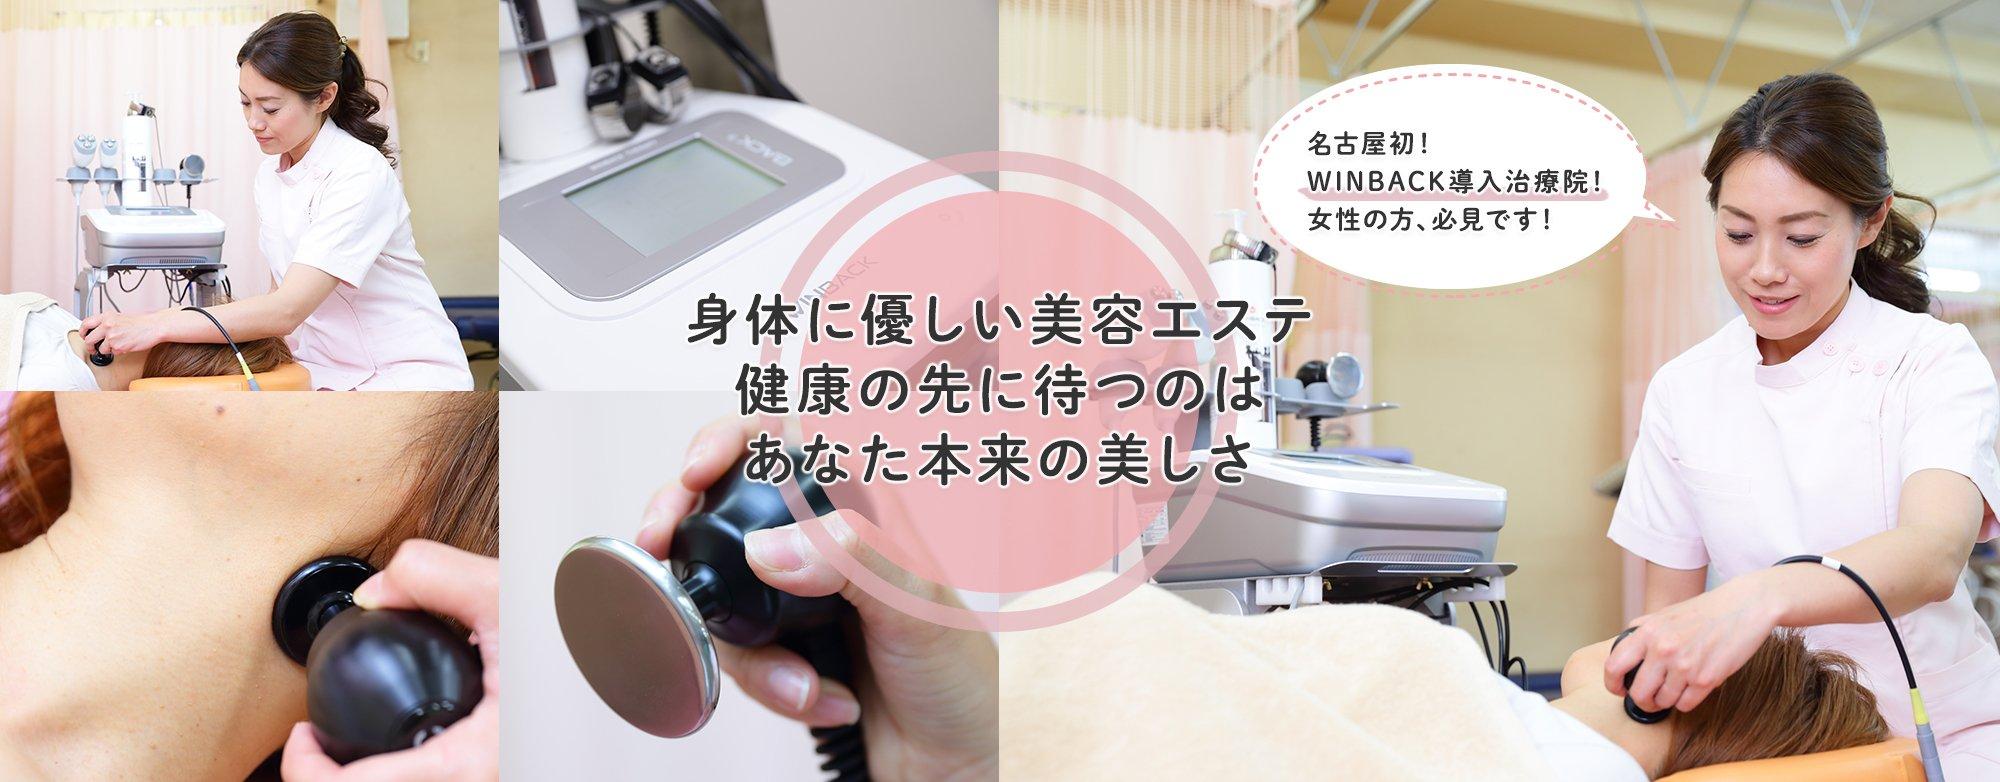 名古屋市初!WINBACK導⼊治療院です! ⾝体に優しい美容エステ 健康の先に待つのはあなた本来の美しさ